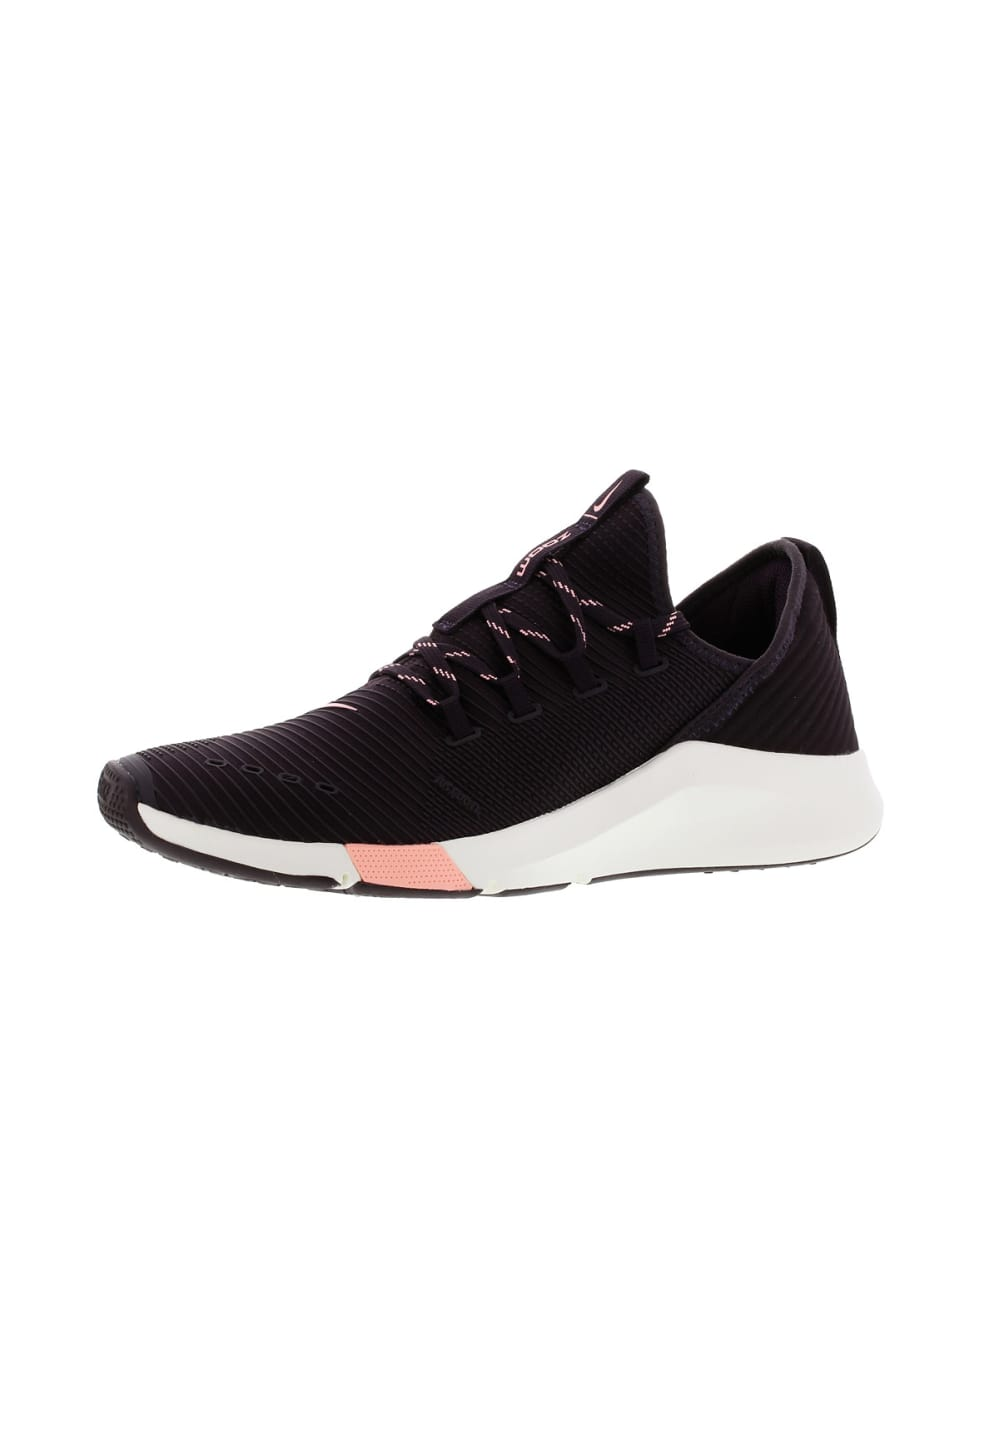 Sportschuhe für Frauen - Nike Air Zoom Elevate Fitnessschuhe für Damen Schwarz  - Onlineshop 21Run